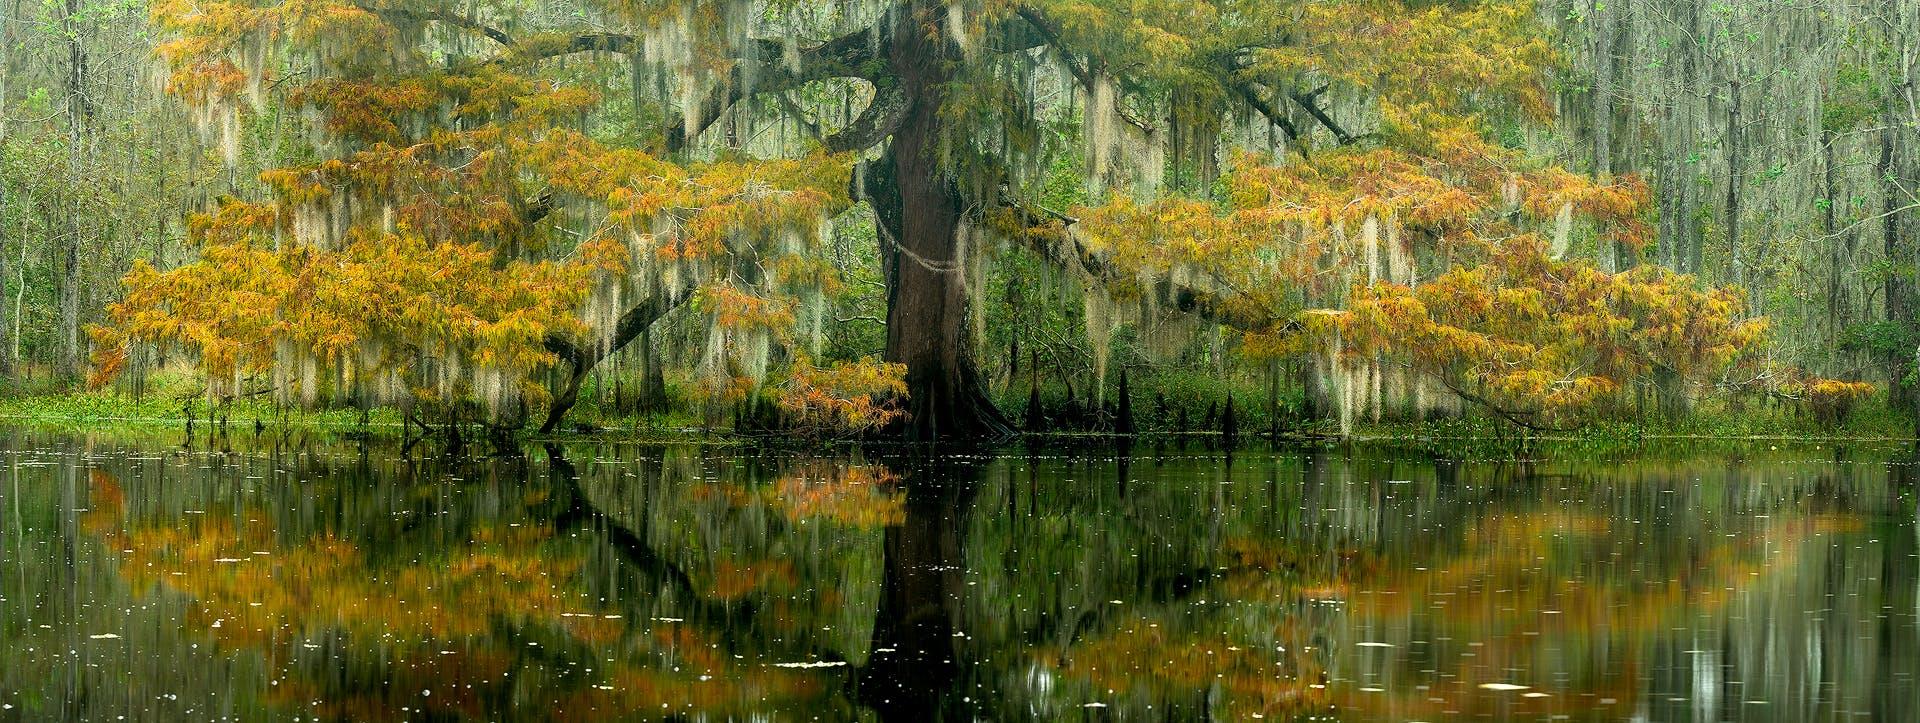 swamp landscape photography, swamp pjotography, new orleans landscape photography tour, swamp photo tour